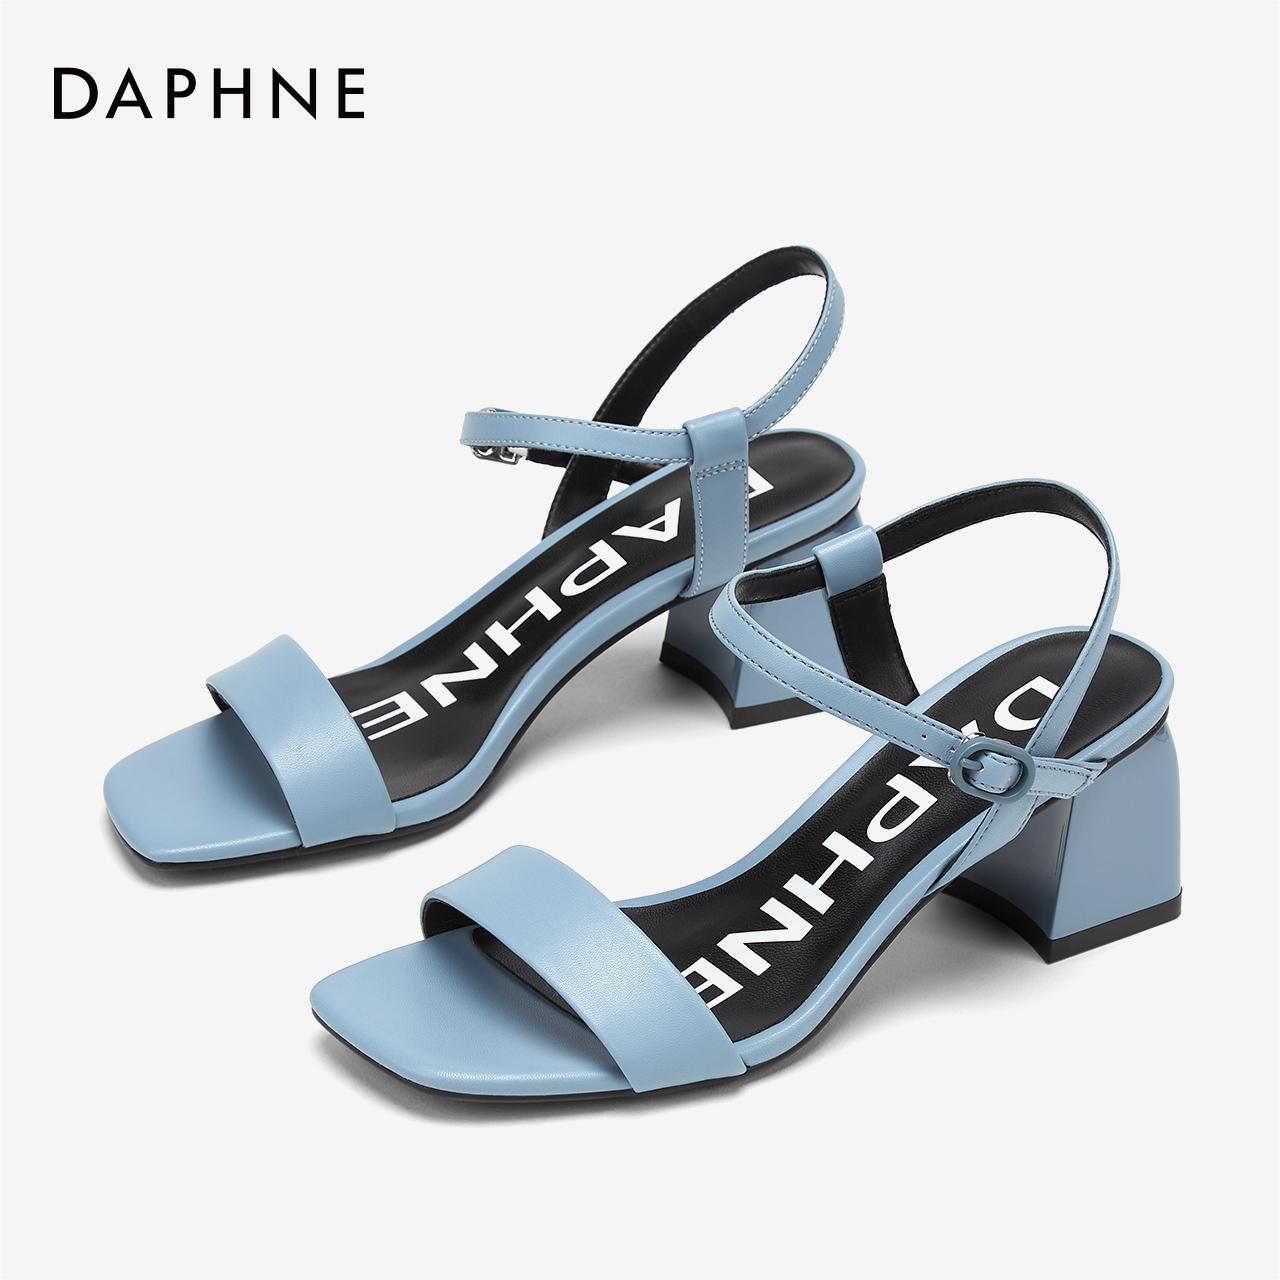 Daphne/达芙妮夏新款欧美时尚简约一字带优雅通勤方头高跟凉鞋女